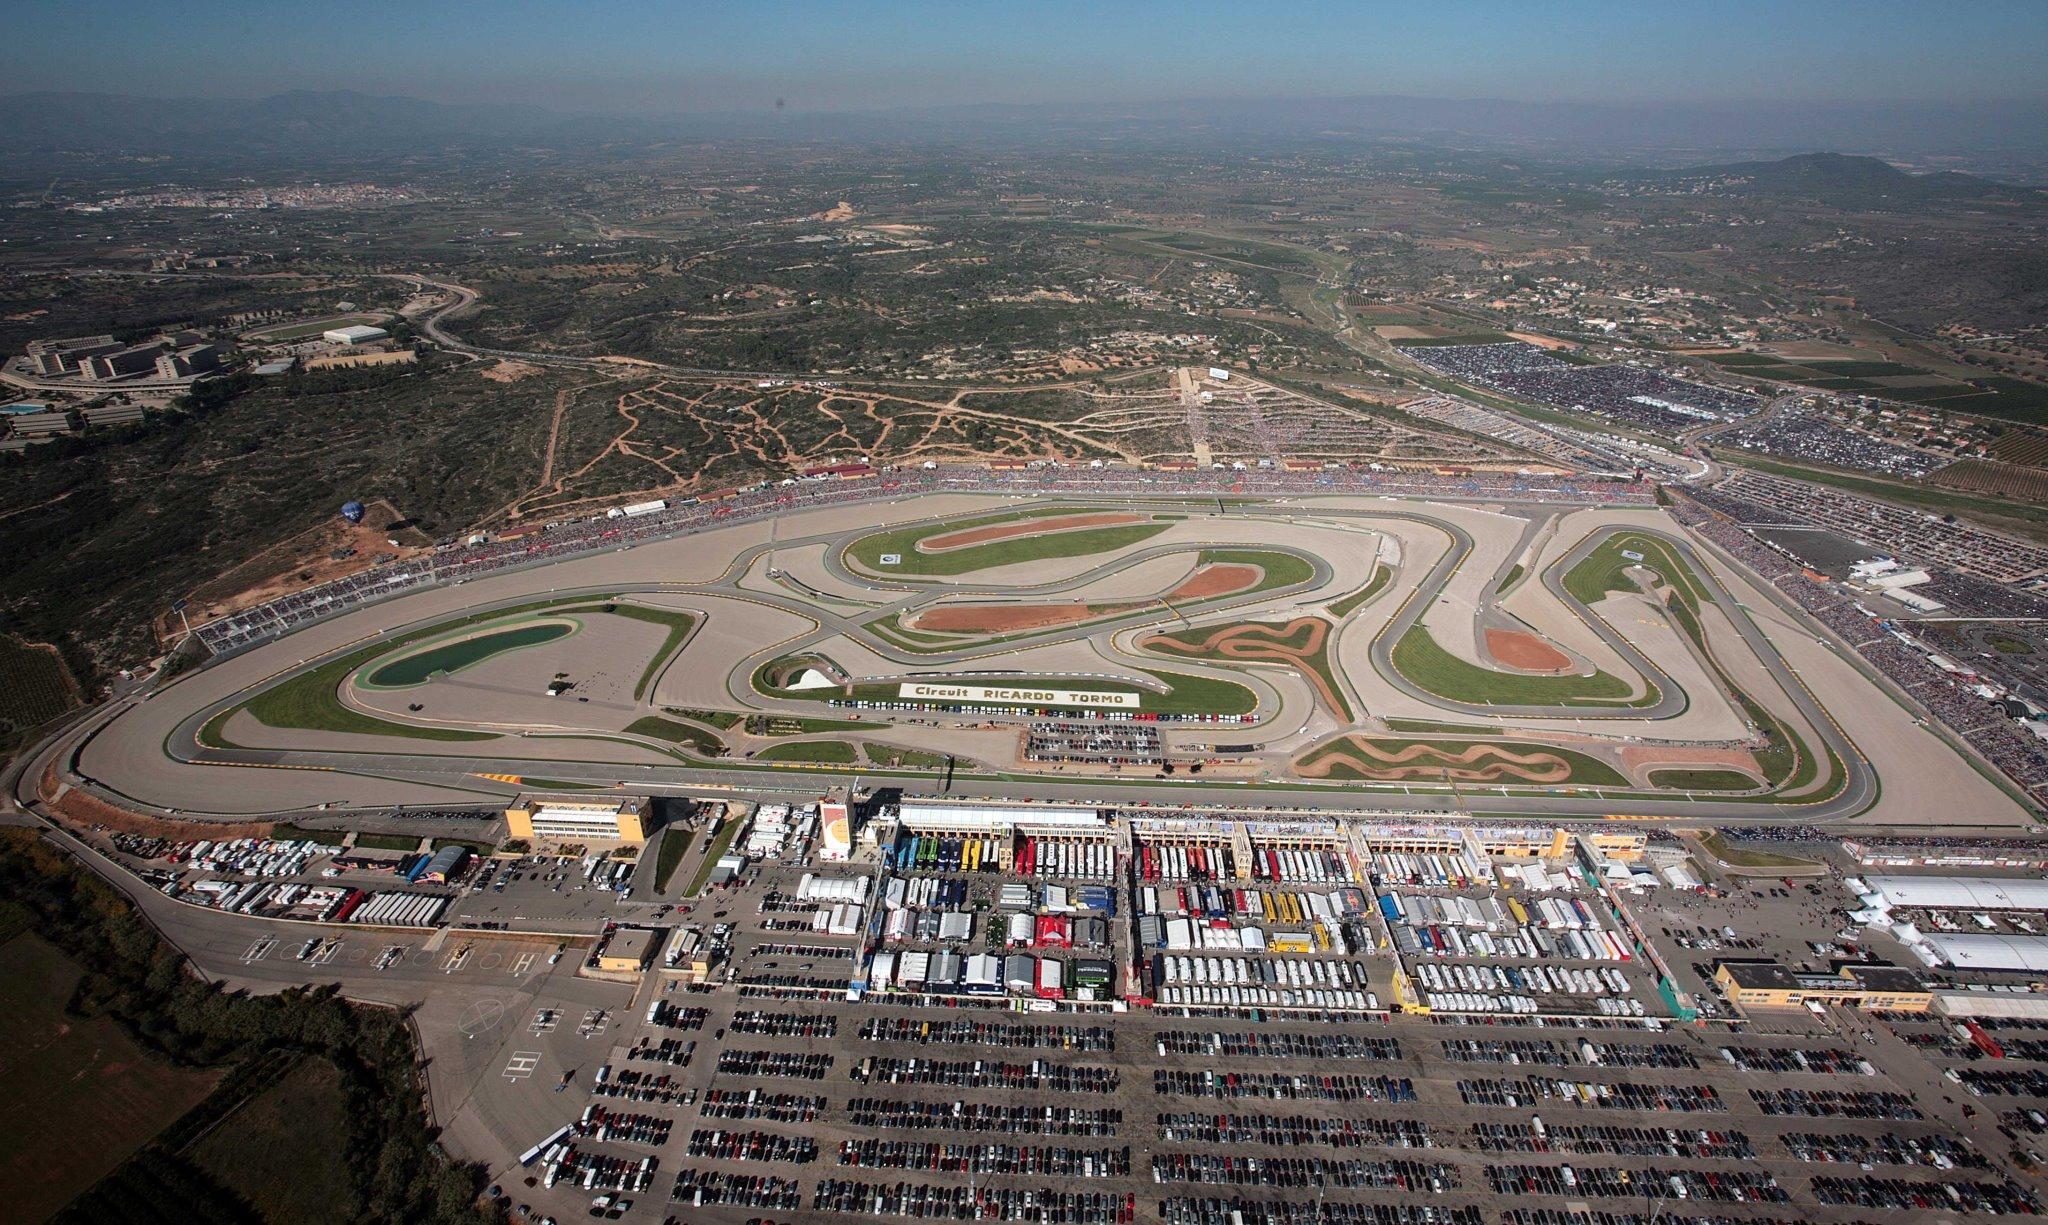 Circuito Ricardo Tormo : Las horas cyclo circuit y de agosto en el ricardo tormo